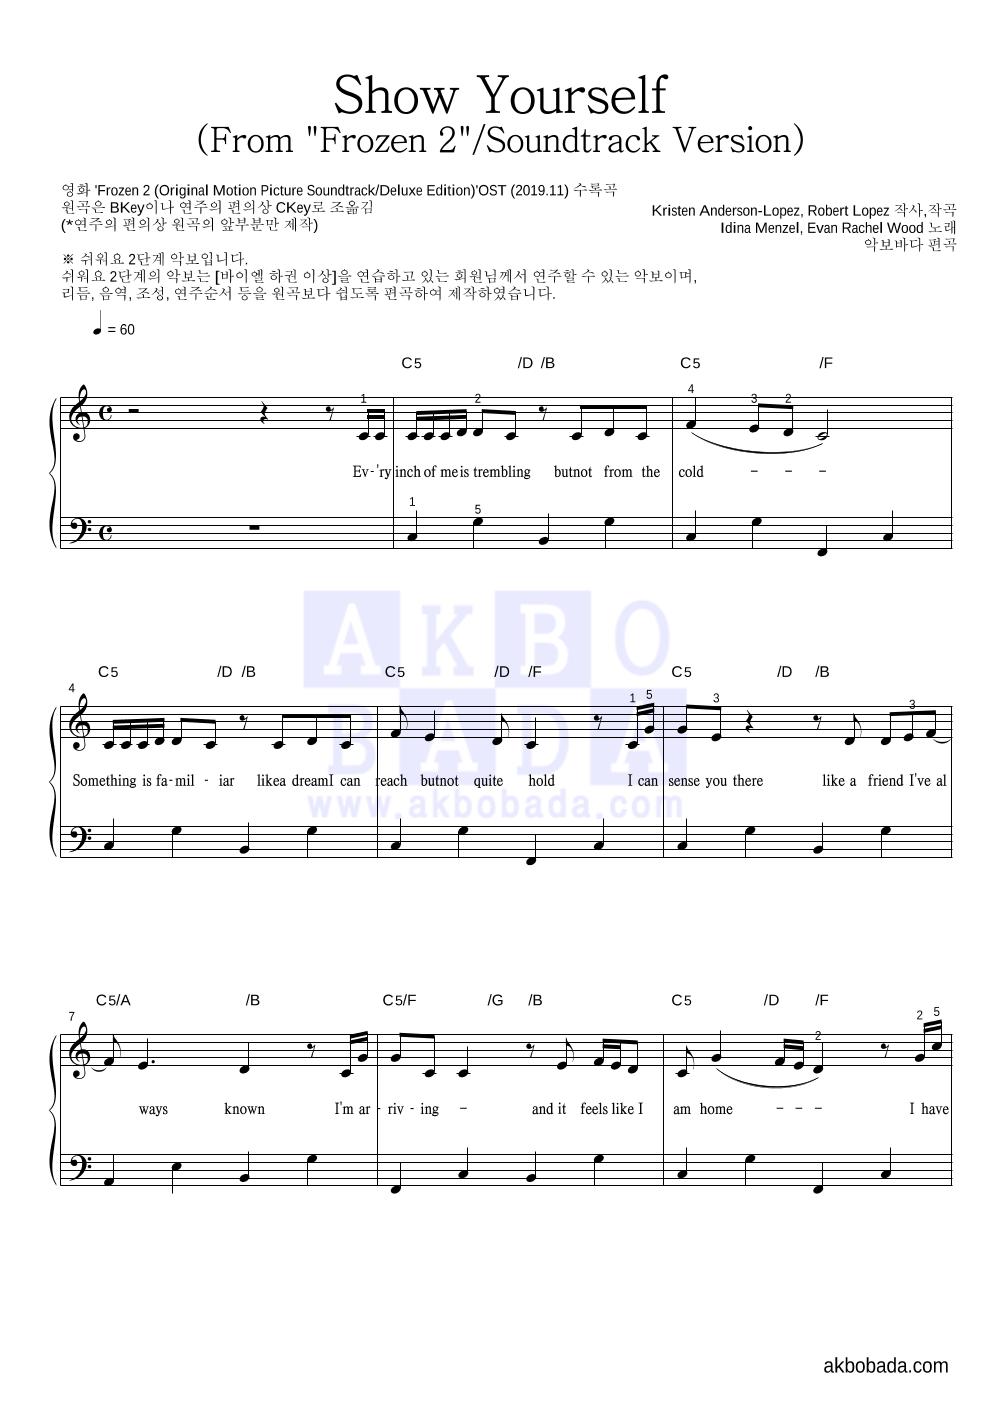 Idina Menzel, Evan Rachel Wood - Show Yourself 피아노2단-쉬워요 악보